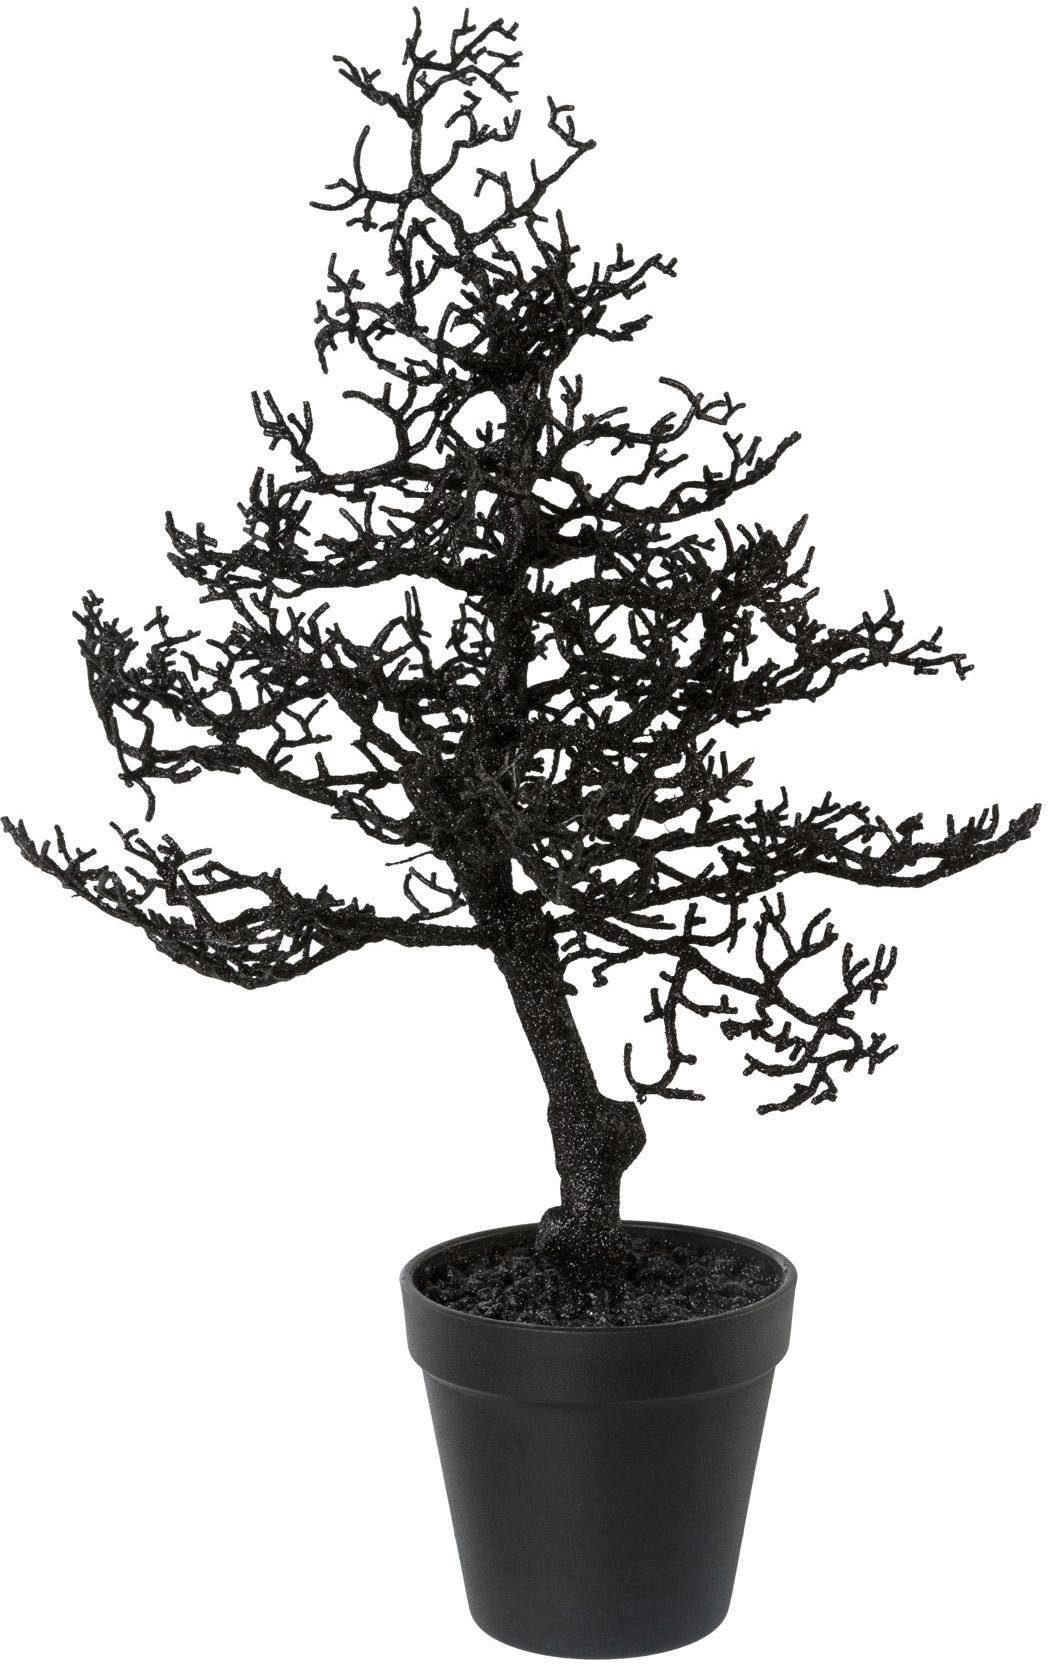 Kunstbaum Hainbuche (1 Stück) Wohnen/Möbel/Kleinmöbel/Kunstpflanzen/Kunstbäume